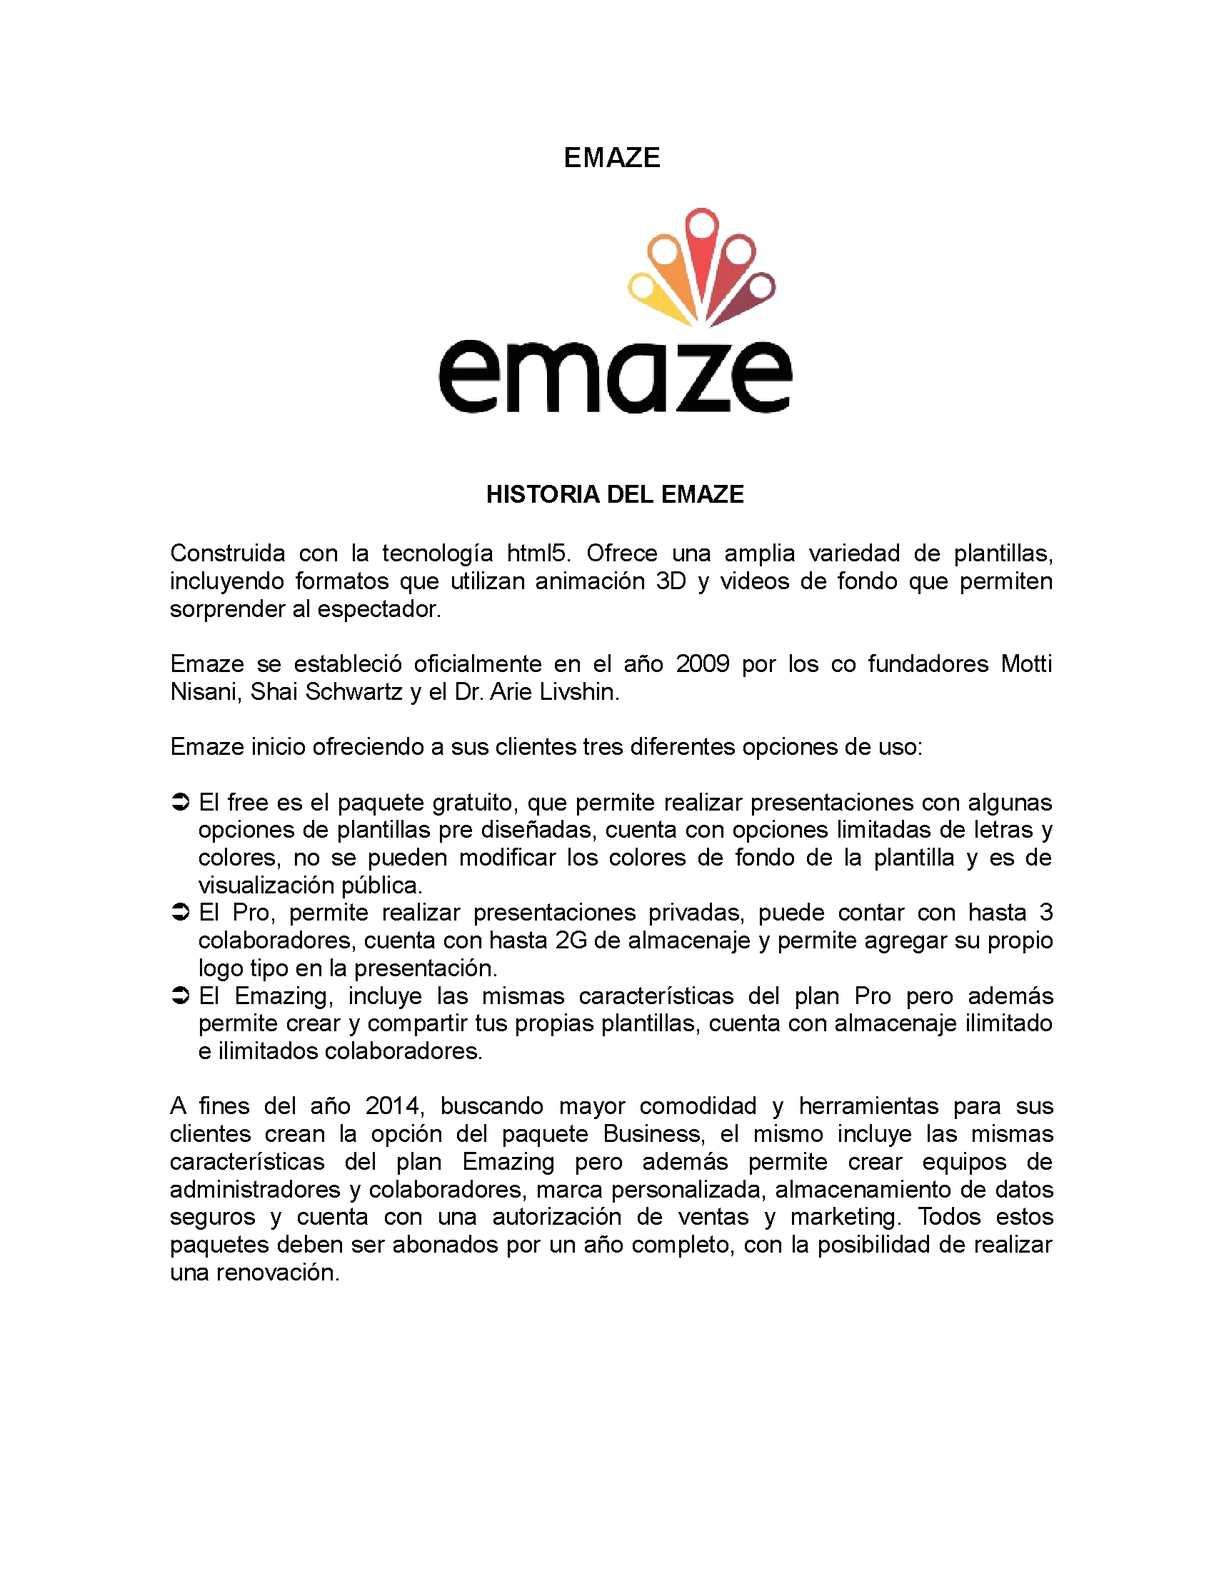 HISTORIA Y REGISTRO DEL EMAZE